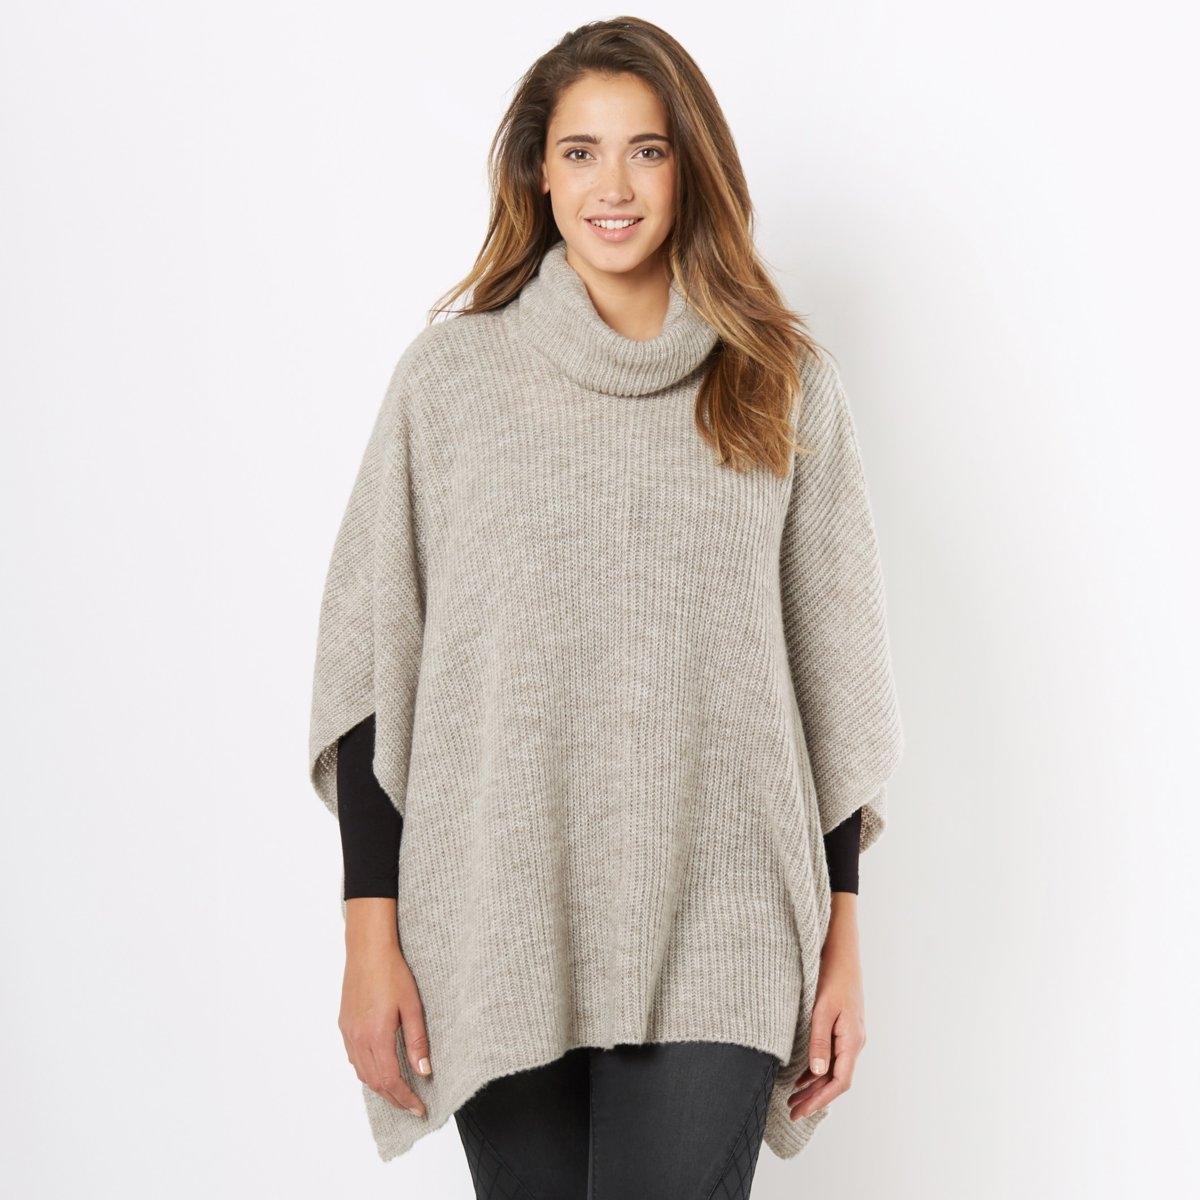 Пуловер-накидка с объемным воротникомПуловер-накидка. Этот пуловер с объемным воротником согреет Вас зимой и в межсезонье. Наденьте его поверх футболки с длинными рукавами. Рукава 3/4. Разрезы по бокам. Пуловер из 85% акрила и 15% полиэстера. Длина 78 см.<br><br>Цвет: бежевый меланж<br>Размер: единый размер